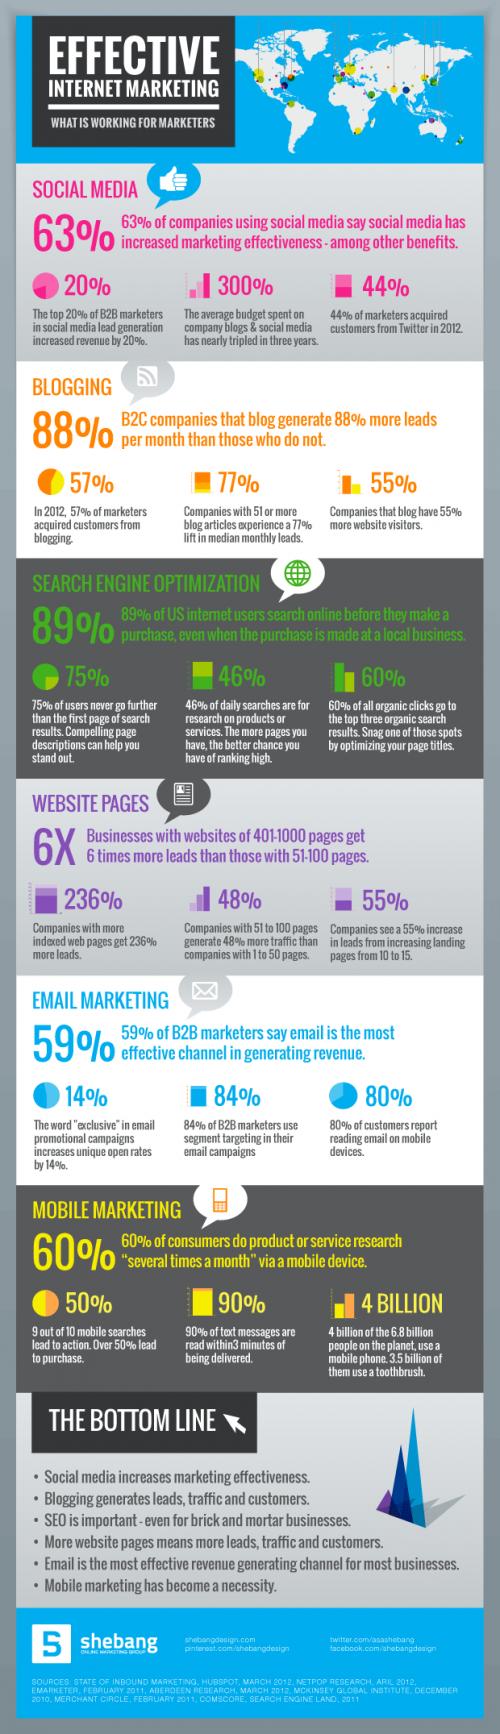 В данной инфографике показаны основные тенденции, которые помогут делать ваш интернет-маркетинг эффективным.